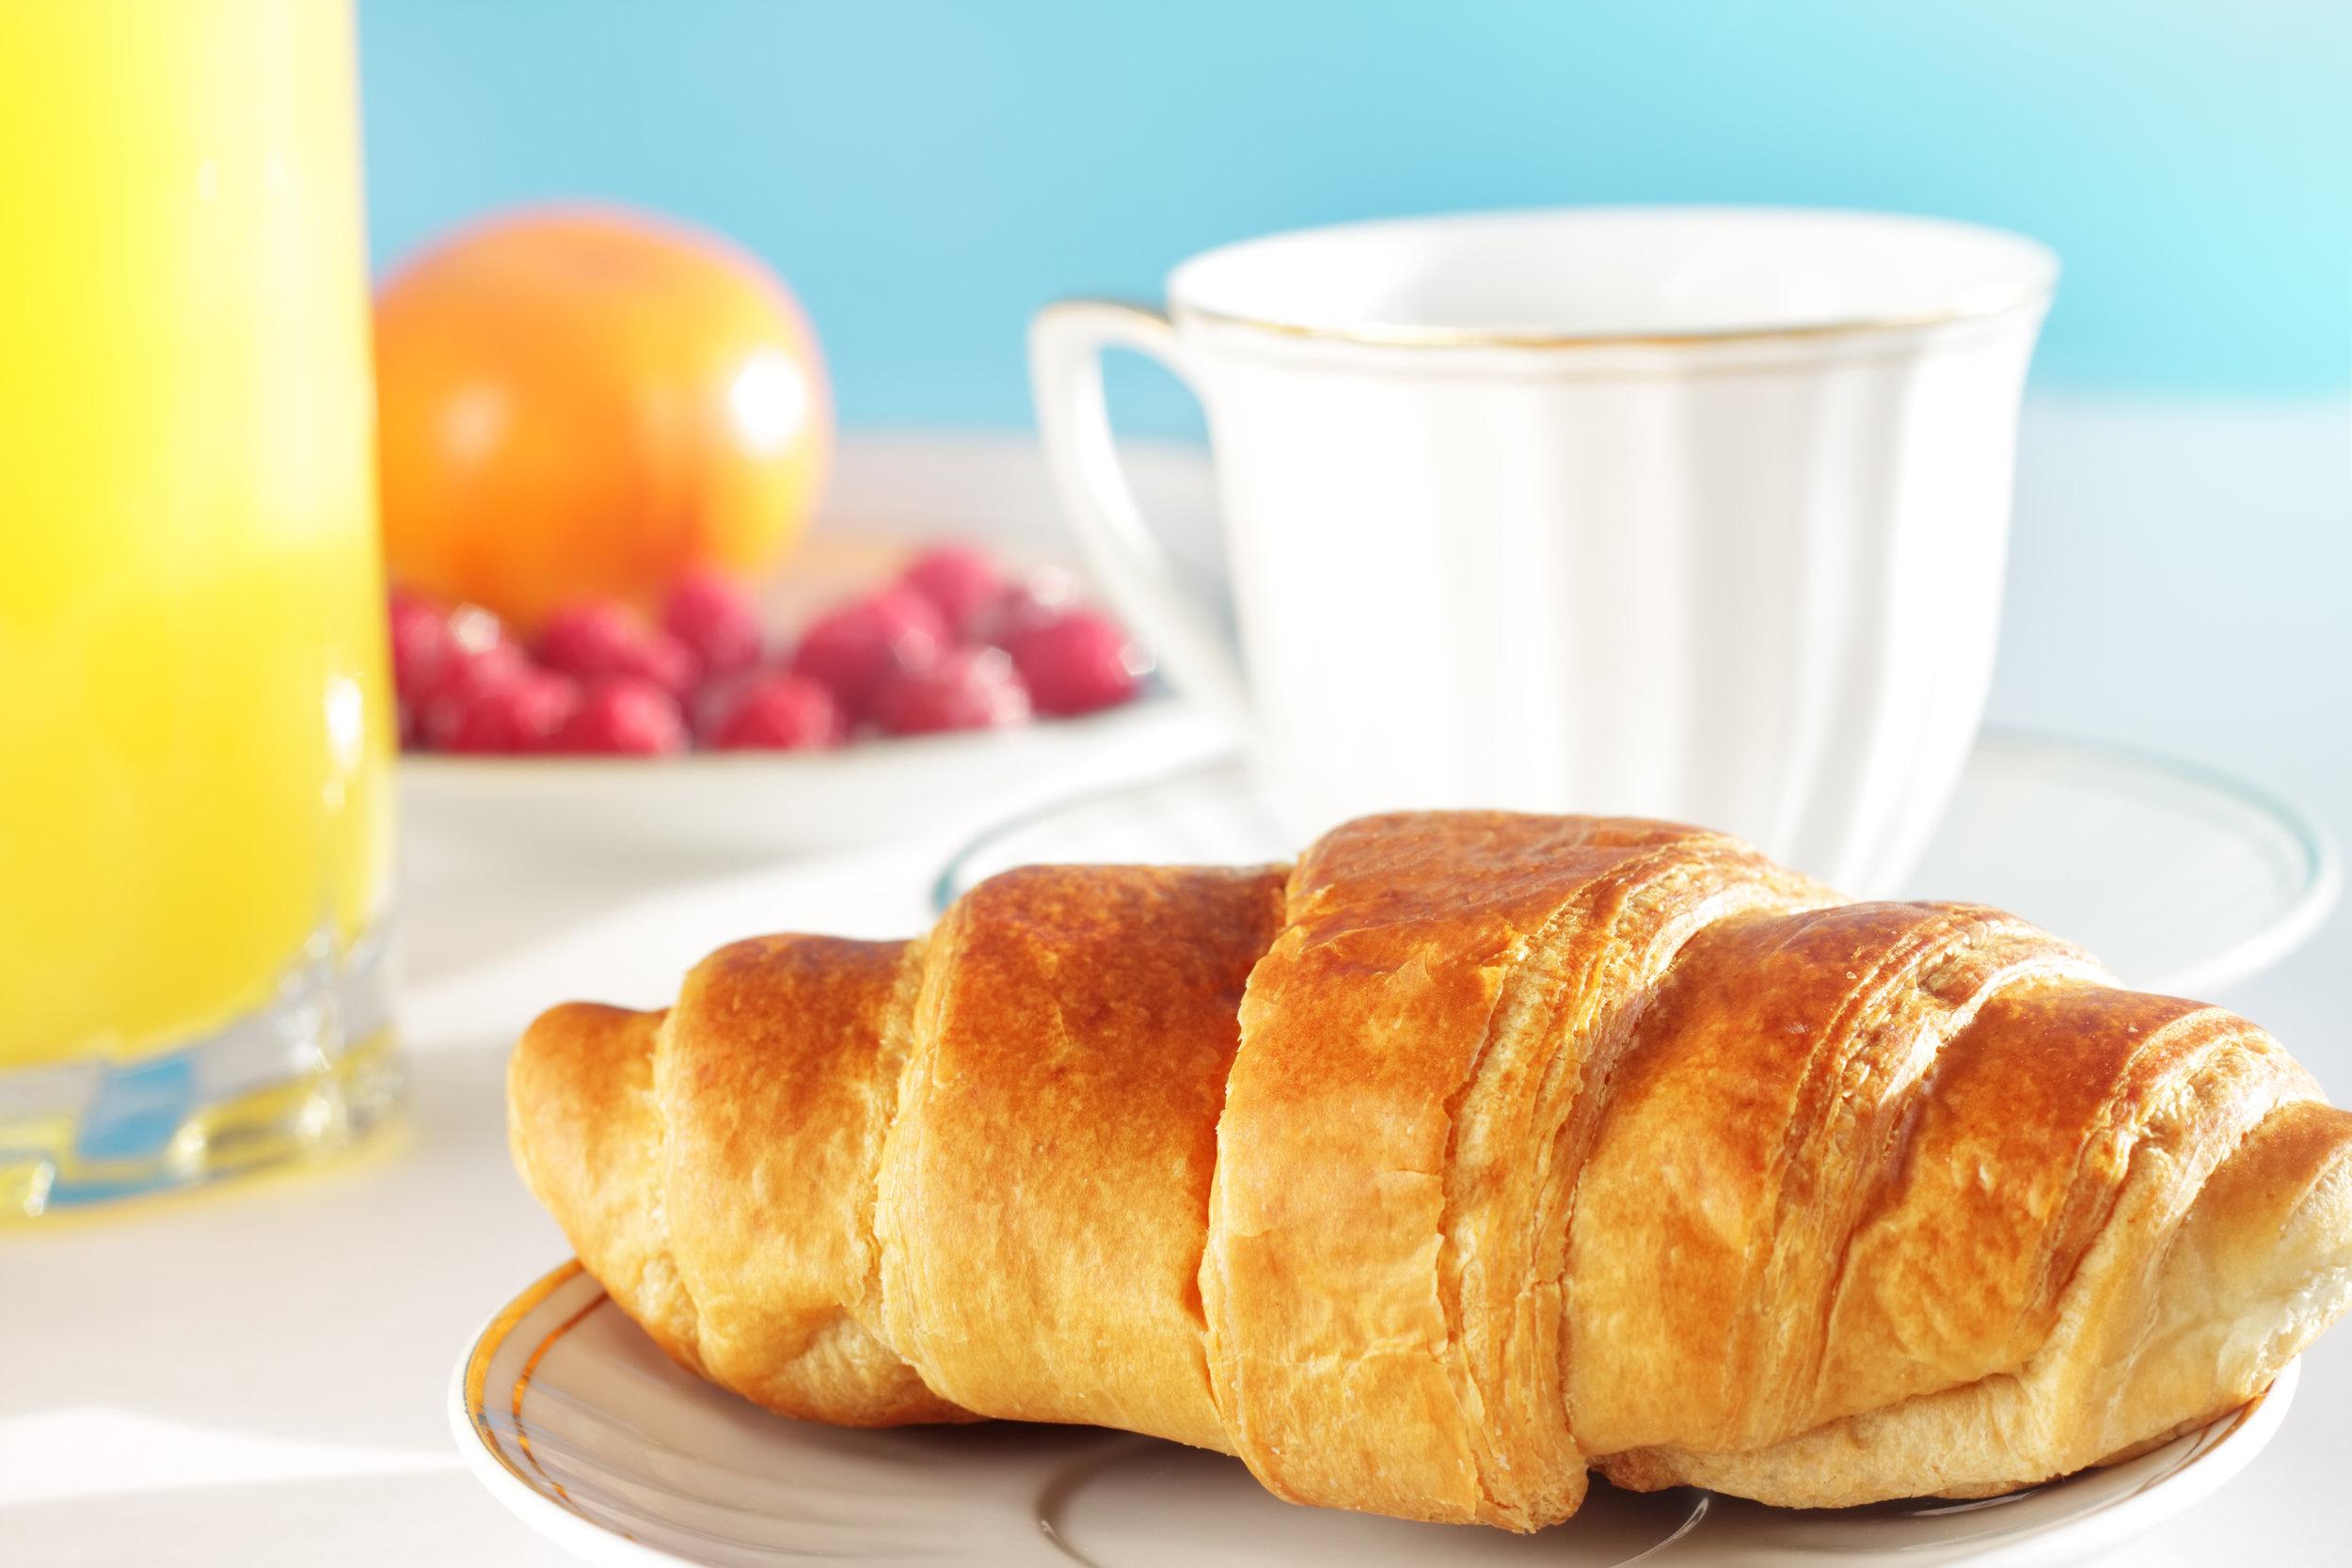 Peores desayunos.jpg